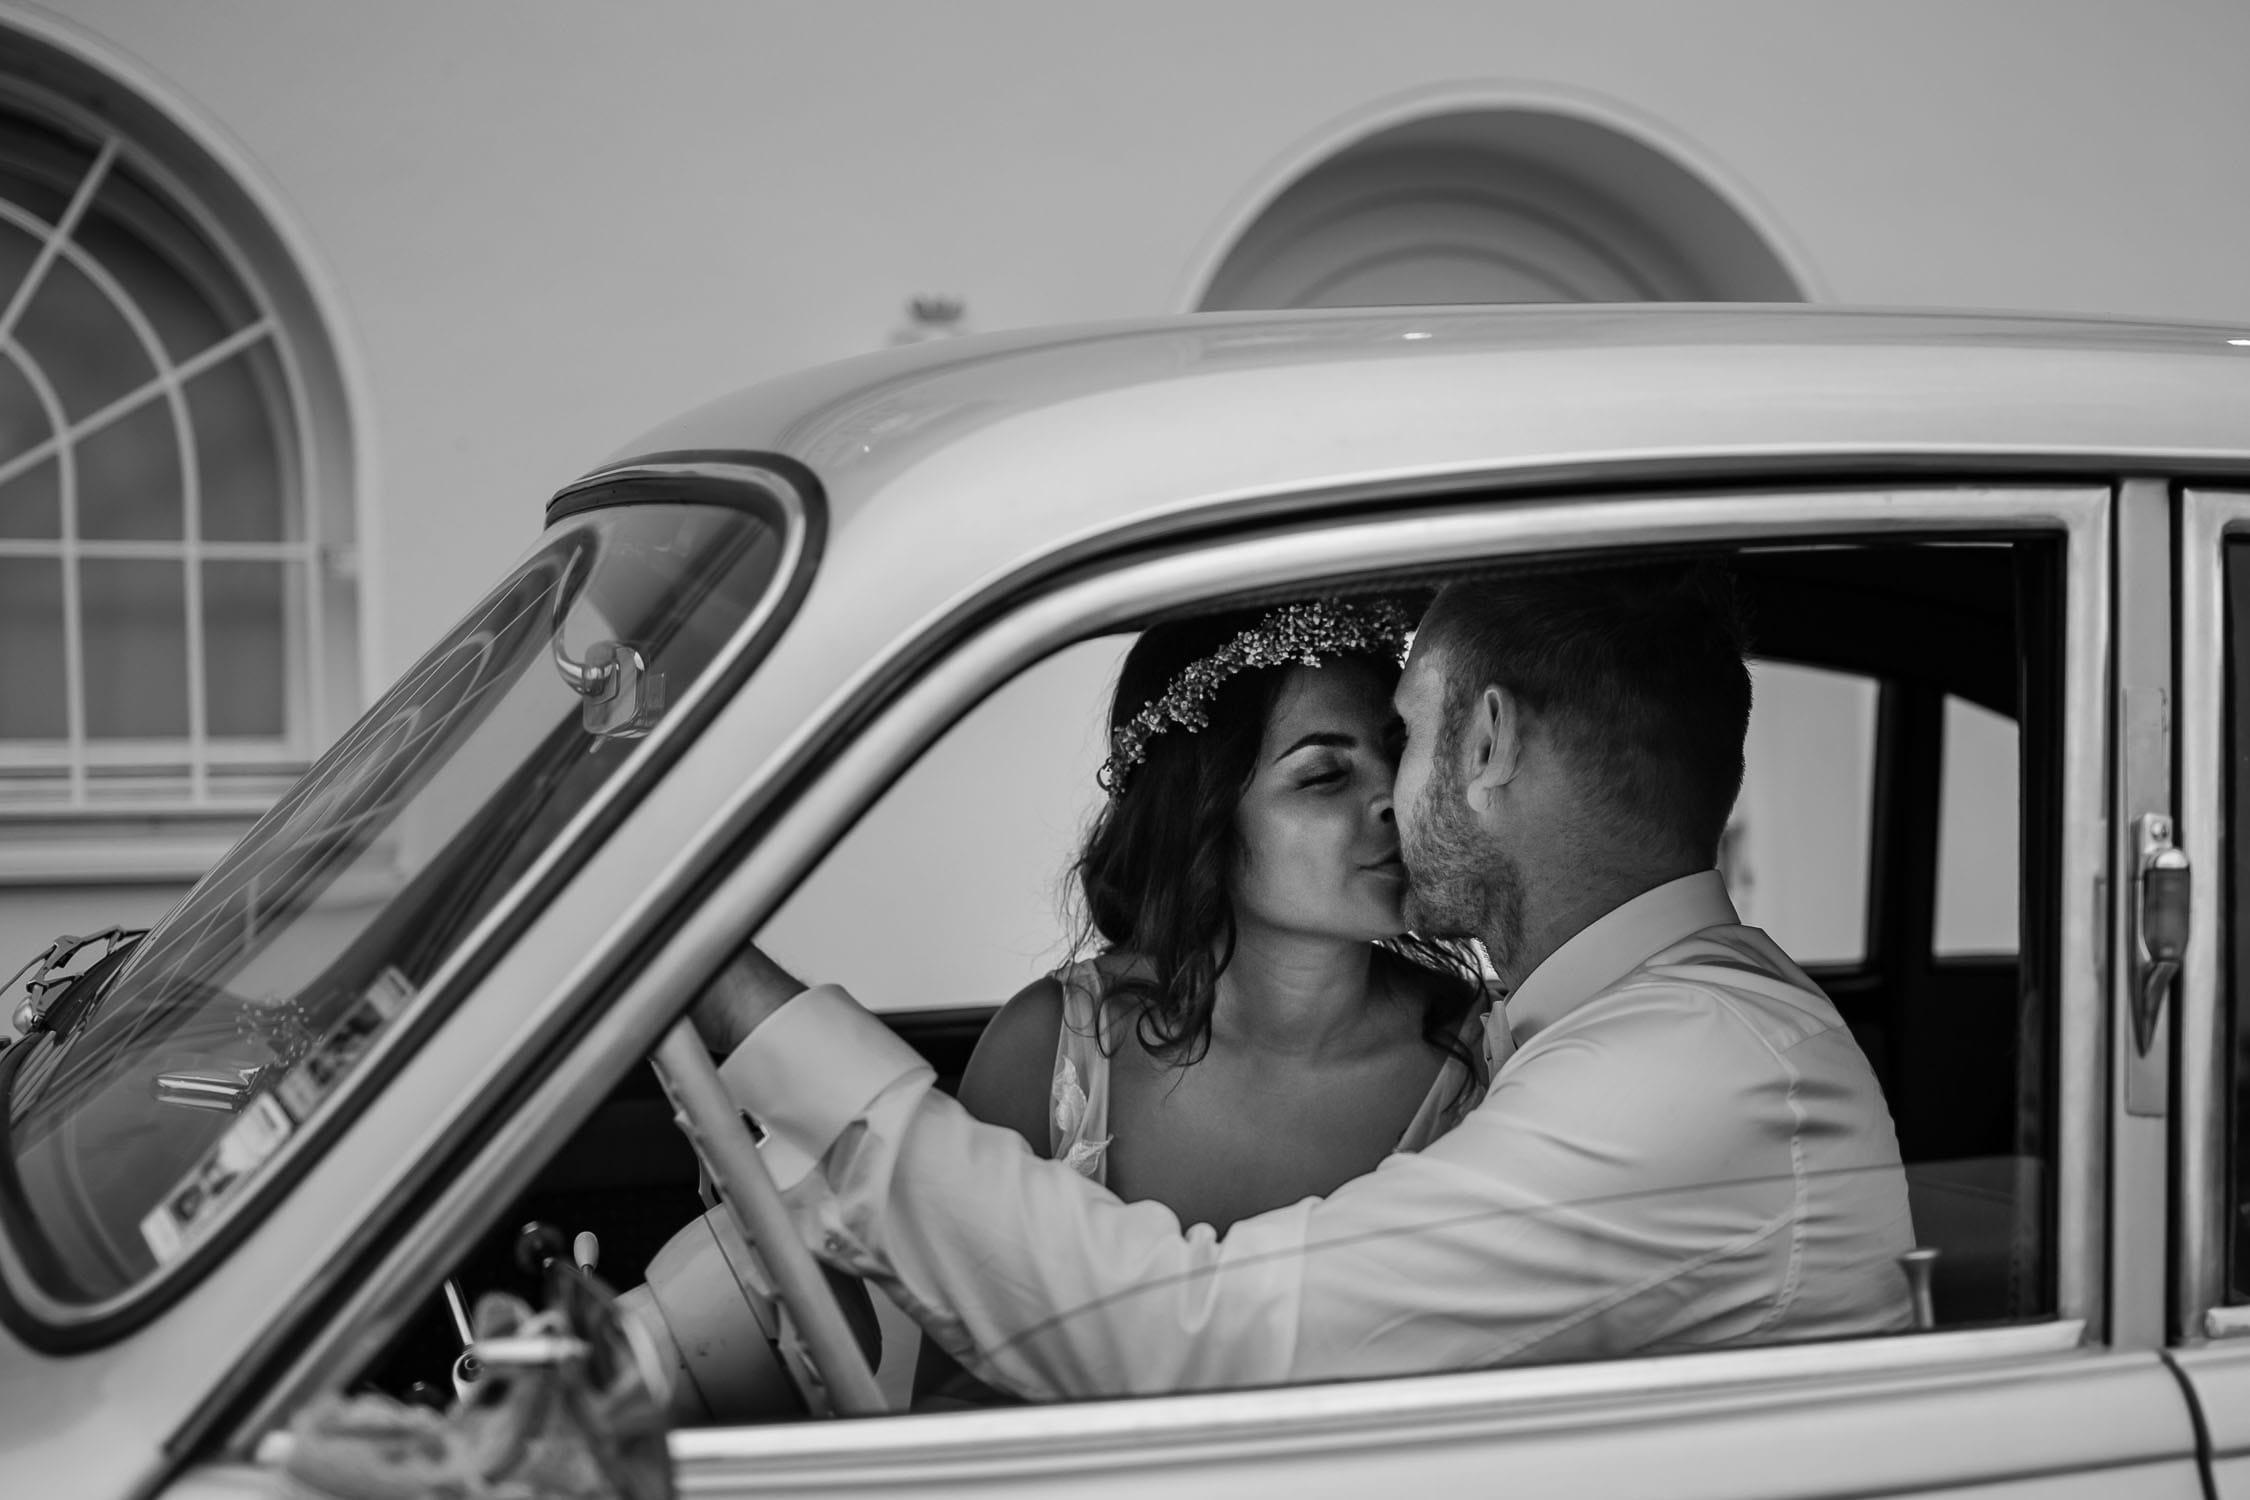 Authentische Hochzeitsfotografie Hochzeitsfotograf Koeln Andre Bastos Fotoggrafie 31 min – gesehen bei frauimmer-herrewig.de